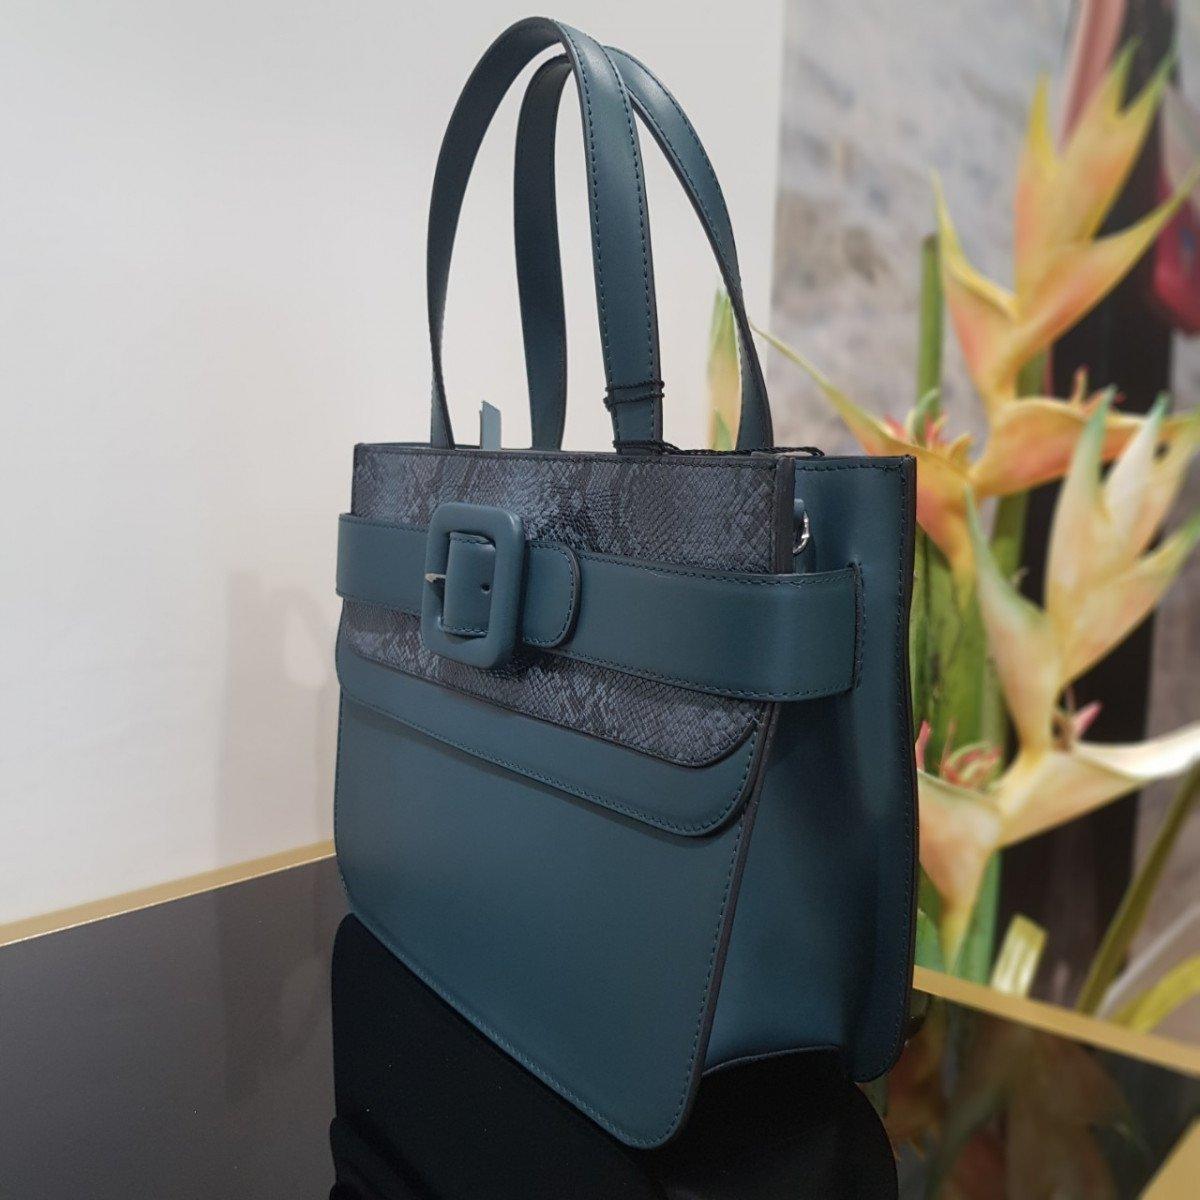 Женская кожаная сумка Tosca Blu TF19MB123 green pyton из натуральной кожи